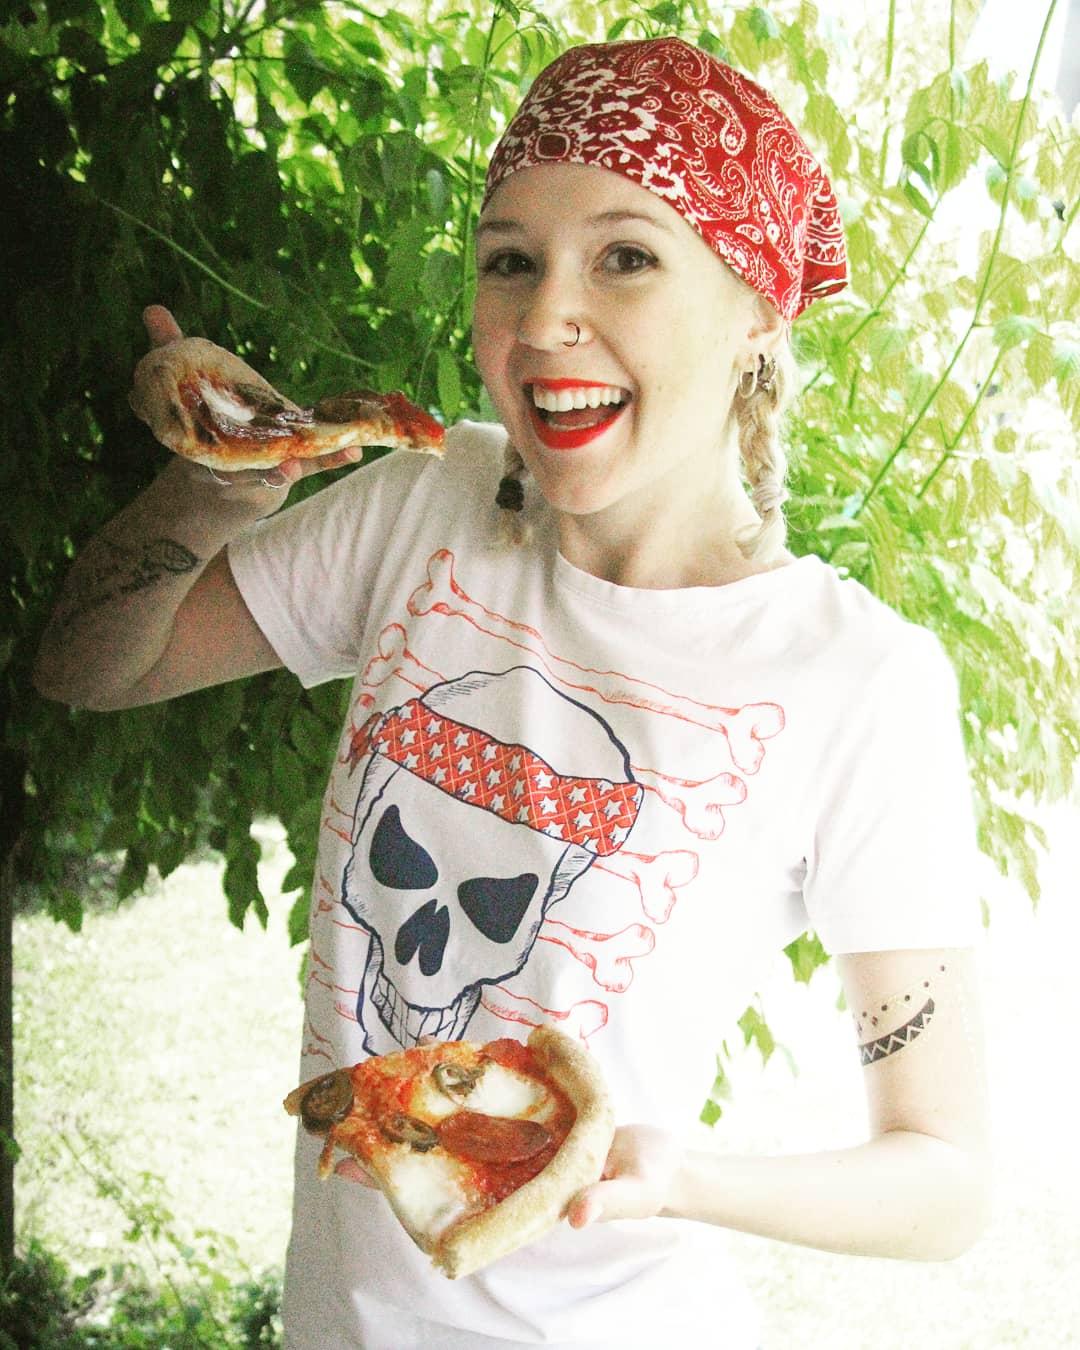 Míra with pizza